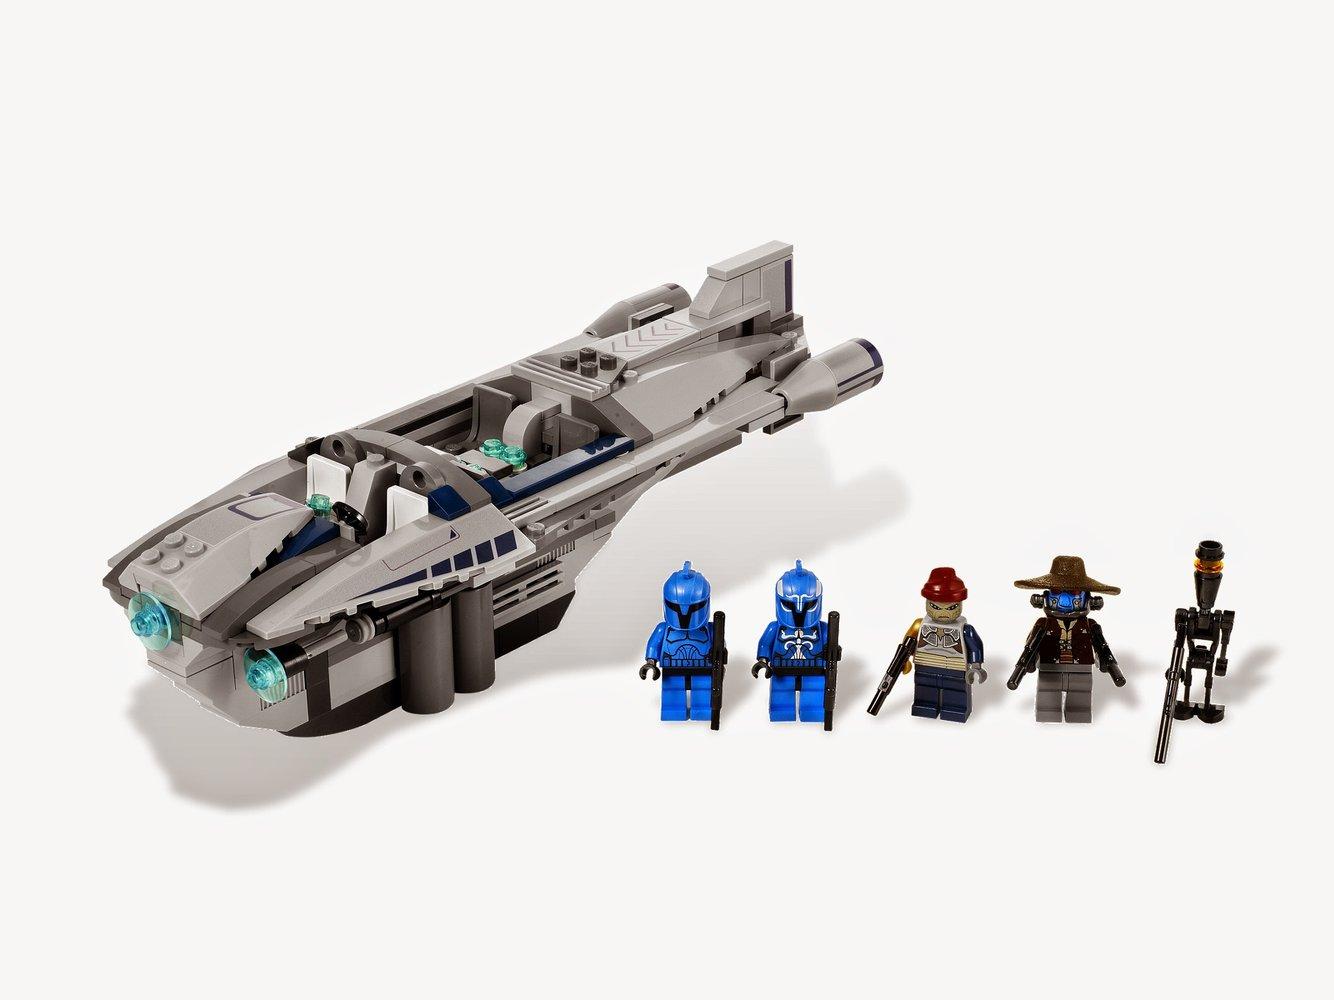 Cad Bane's Speeder